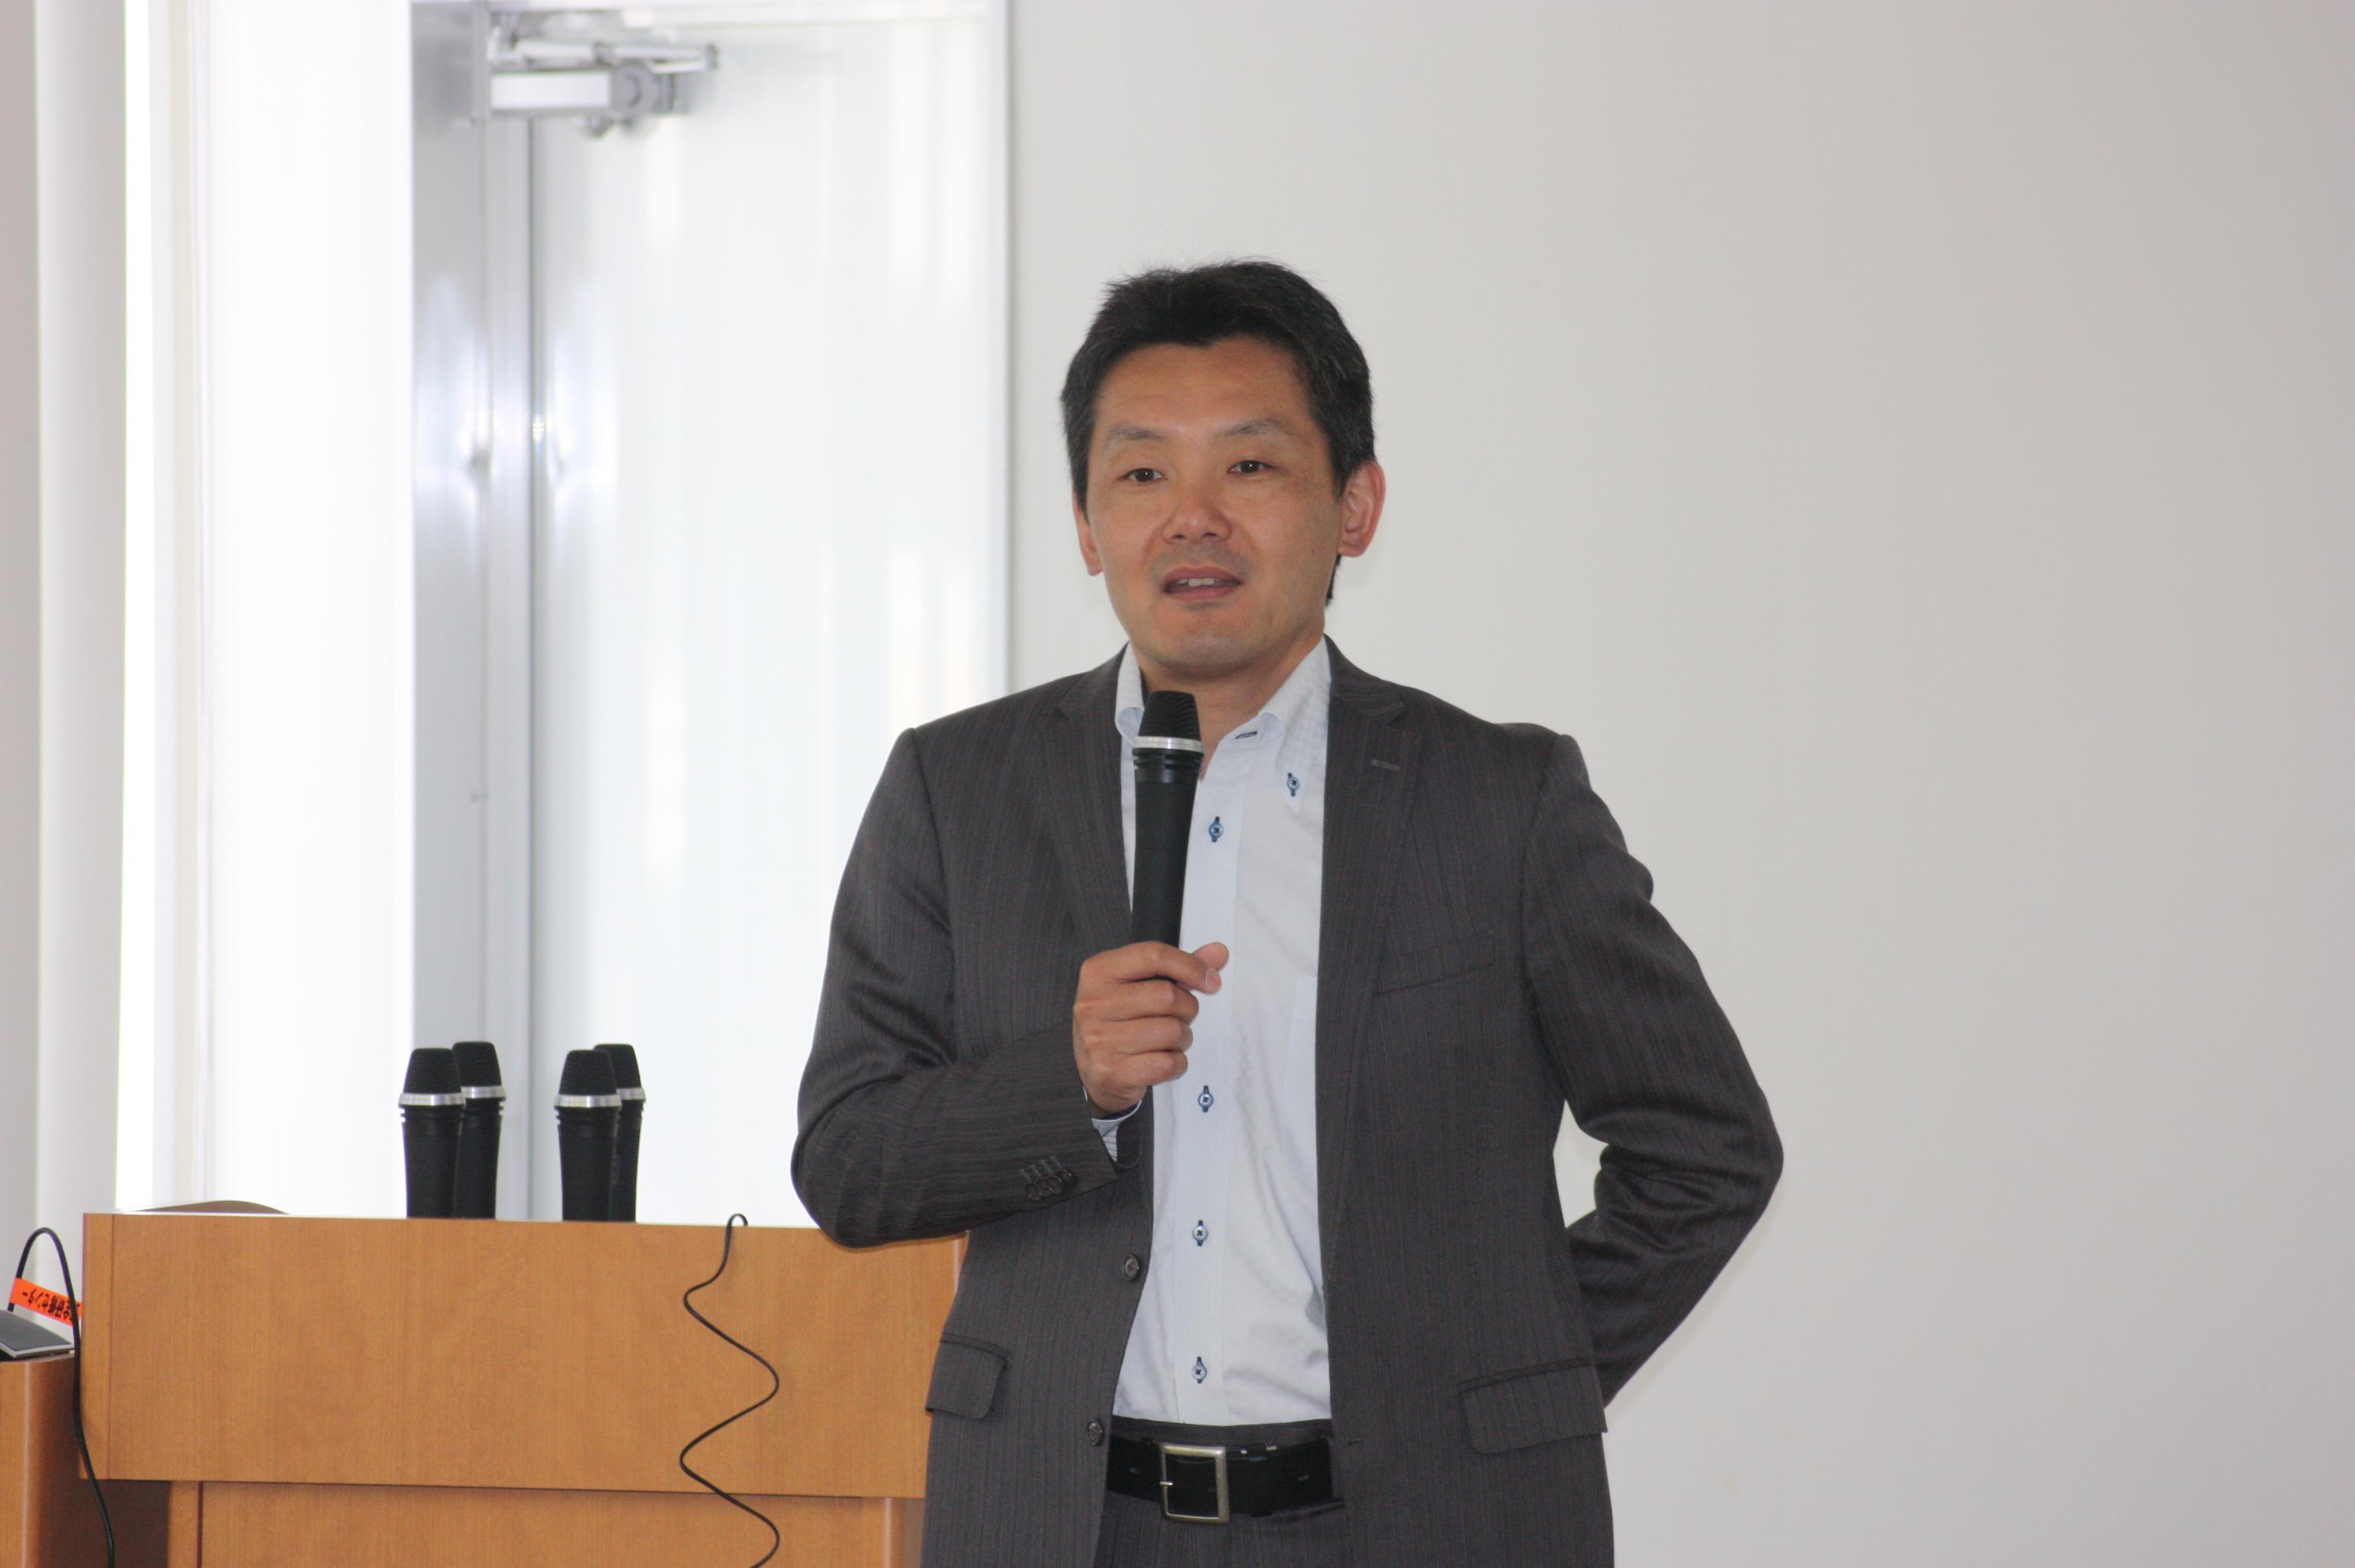 常石造船株式会社芦田琢磨董事